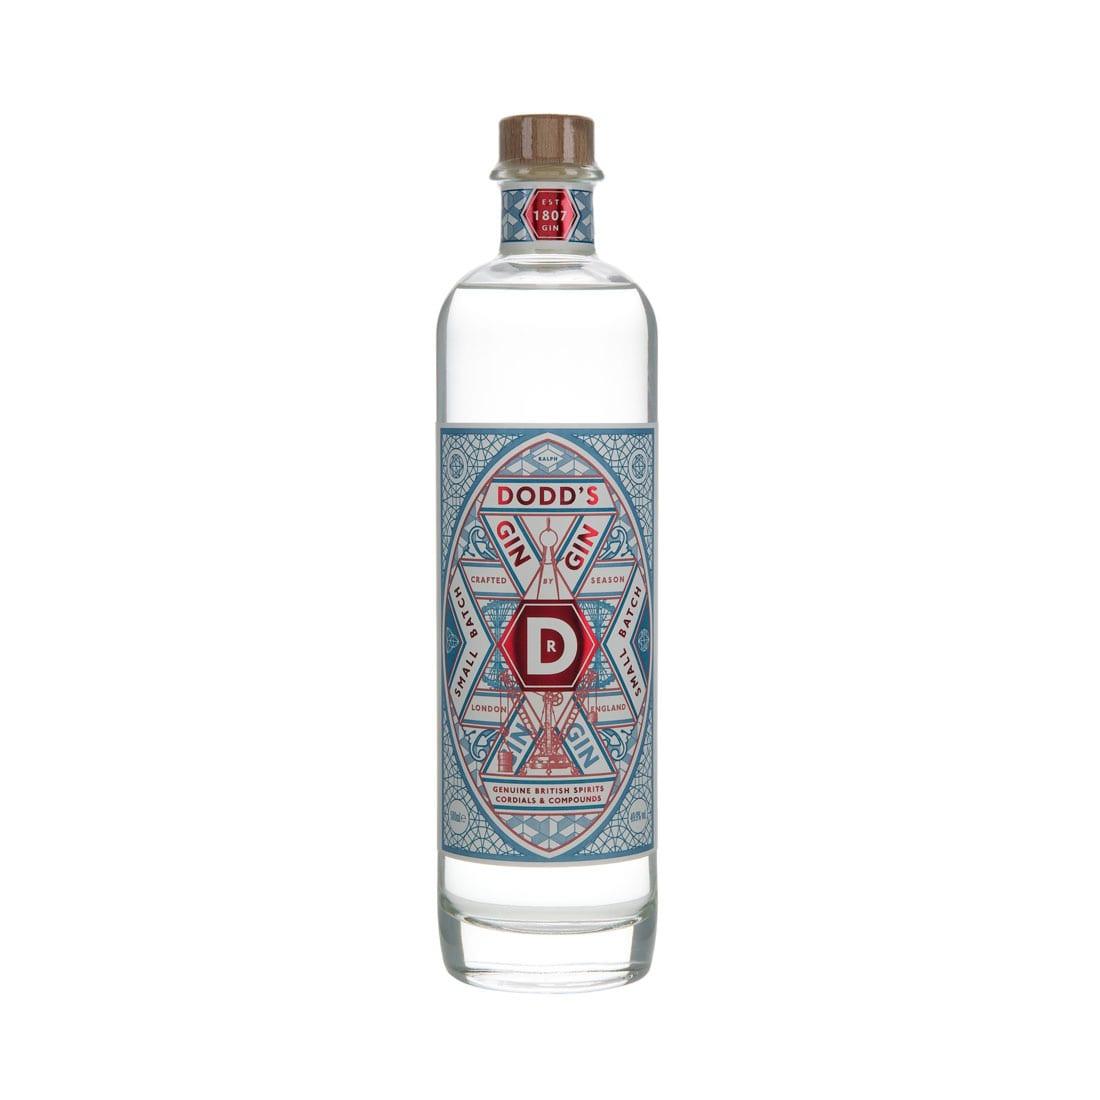 Dodd's Organic Gin